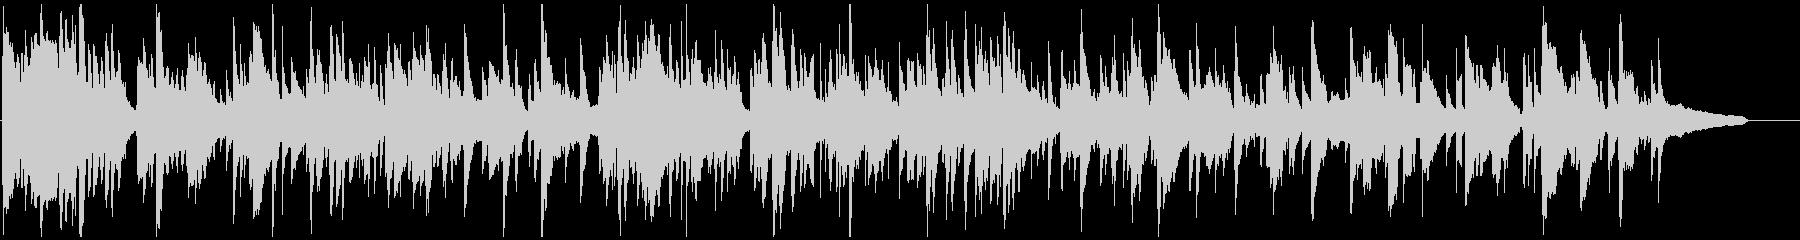 艶めかしいエロいムードの下品なサックスの未再生の波形